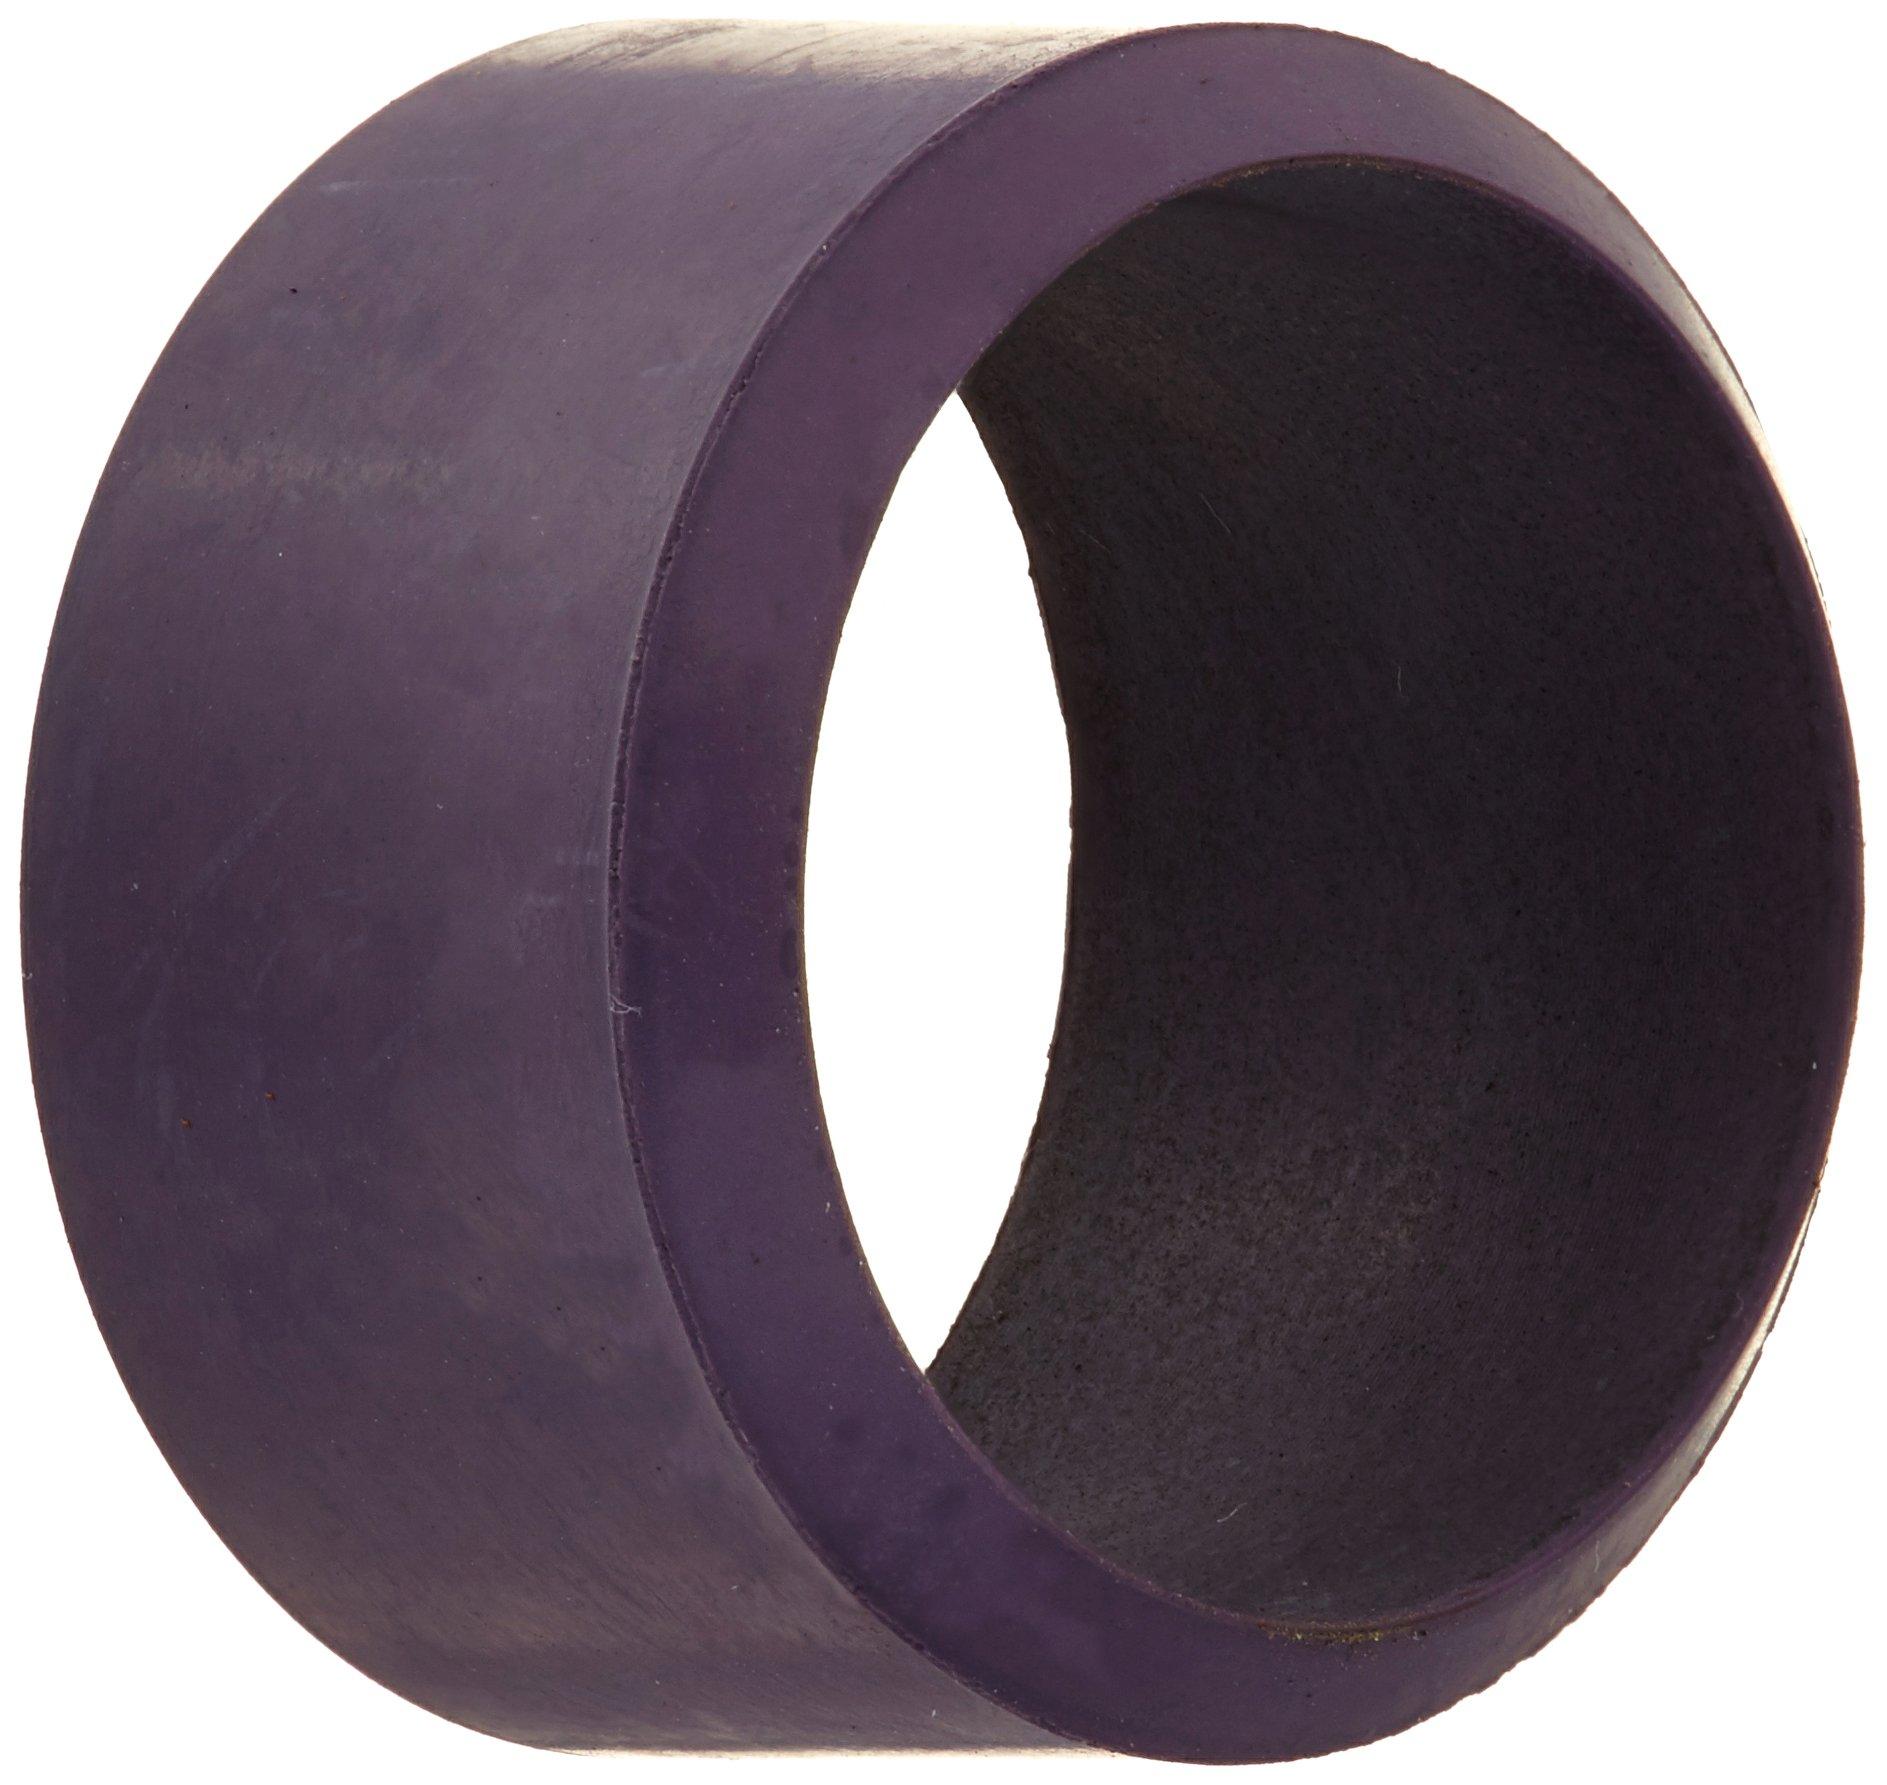 Aqua Ultraviolet AAV40004 UV Part Rubber Seal for Aquarium